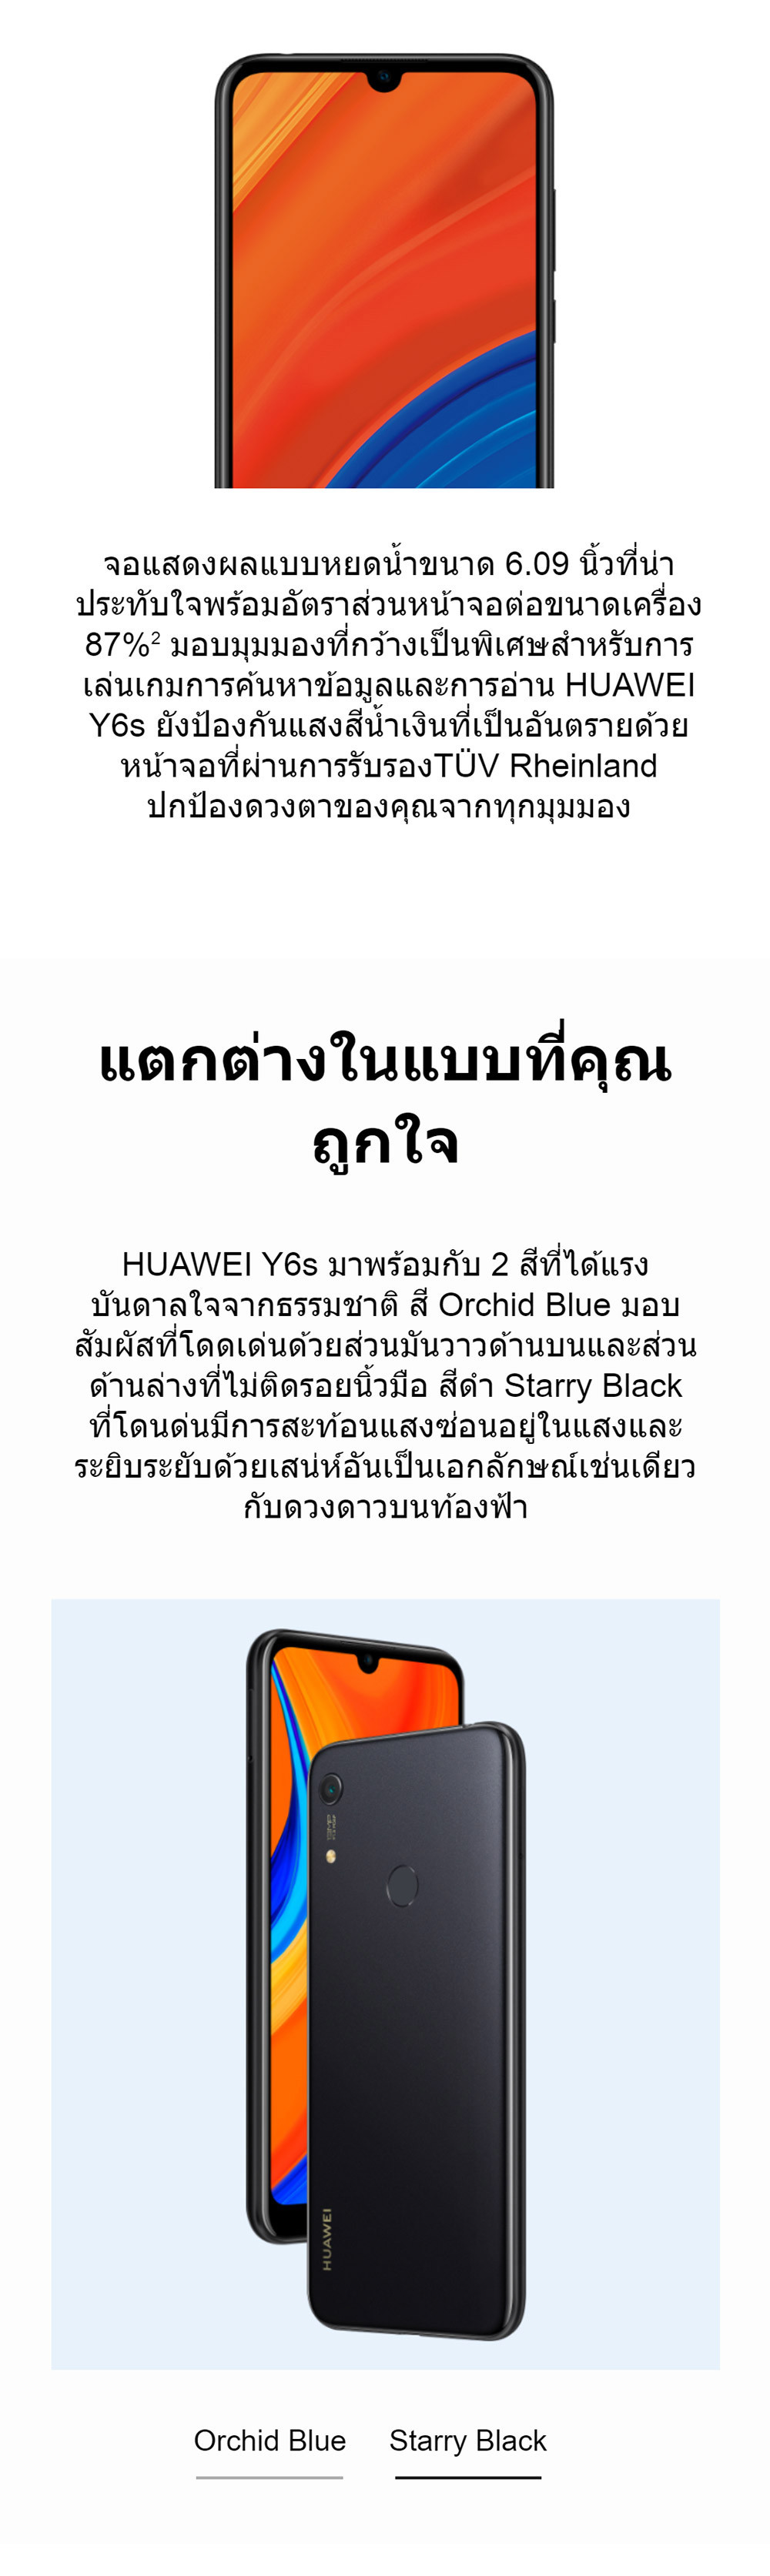 huawei-y6s-1_1.jpg